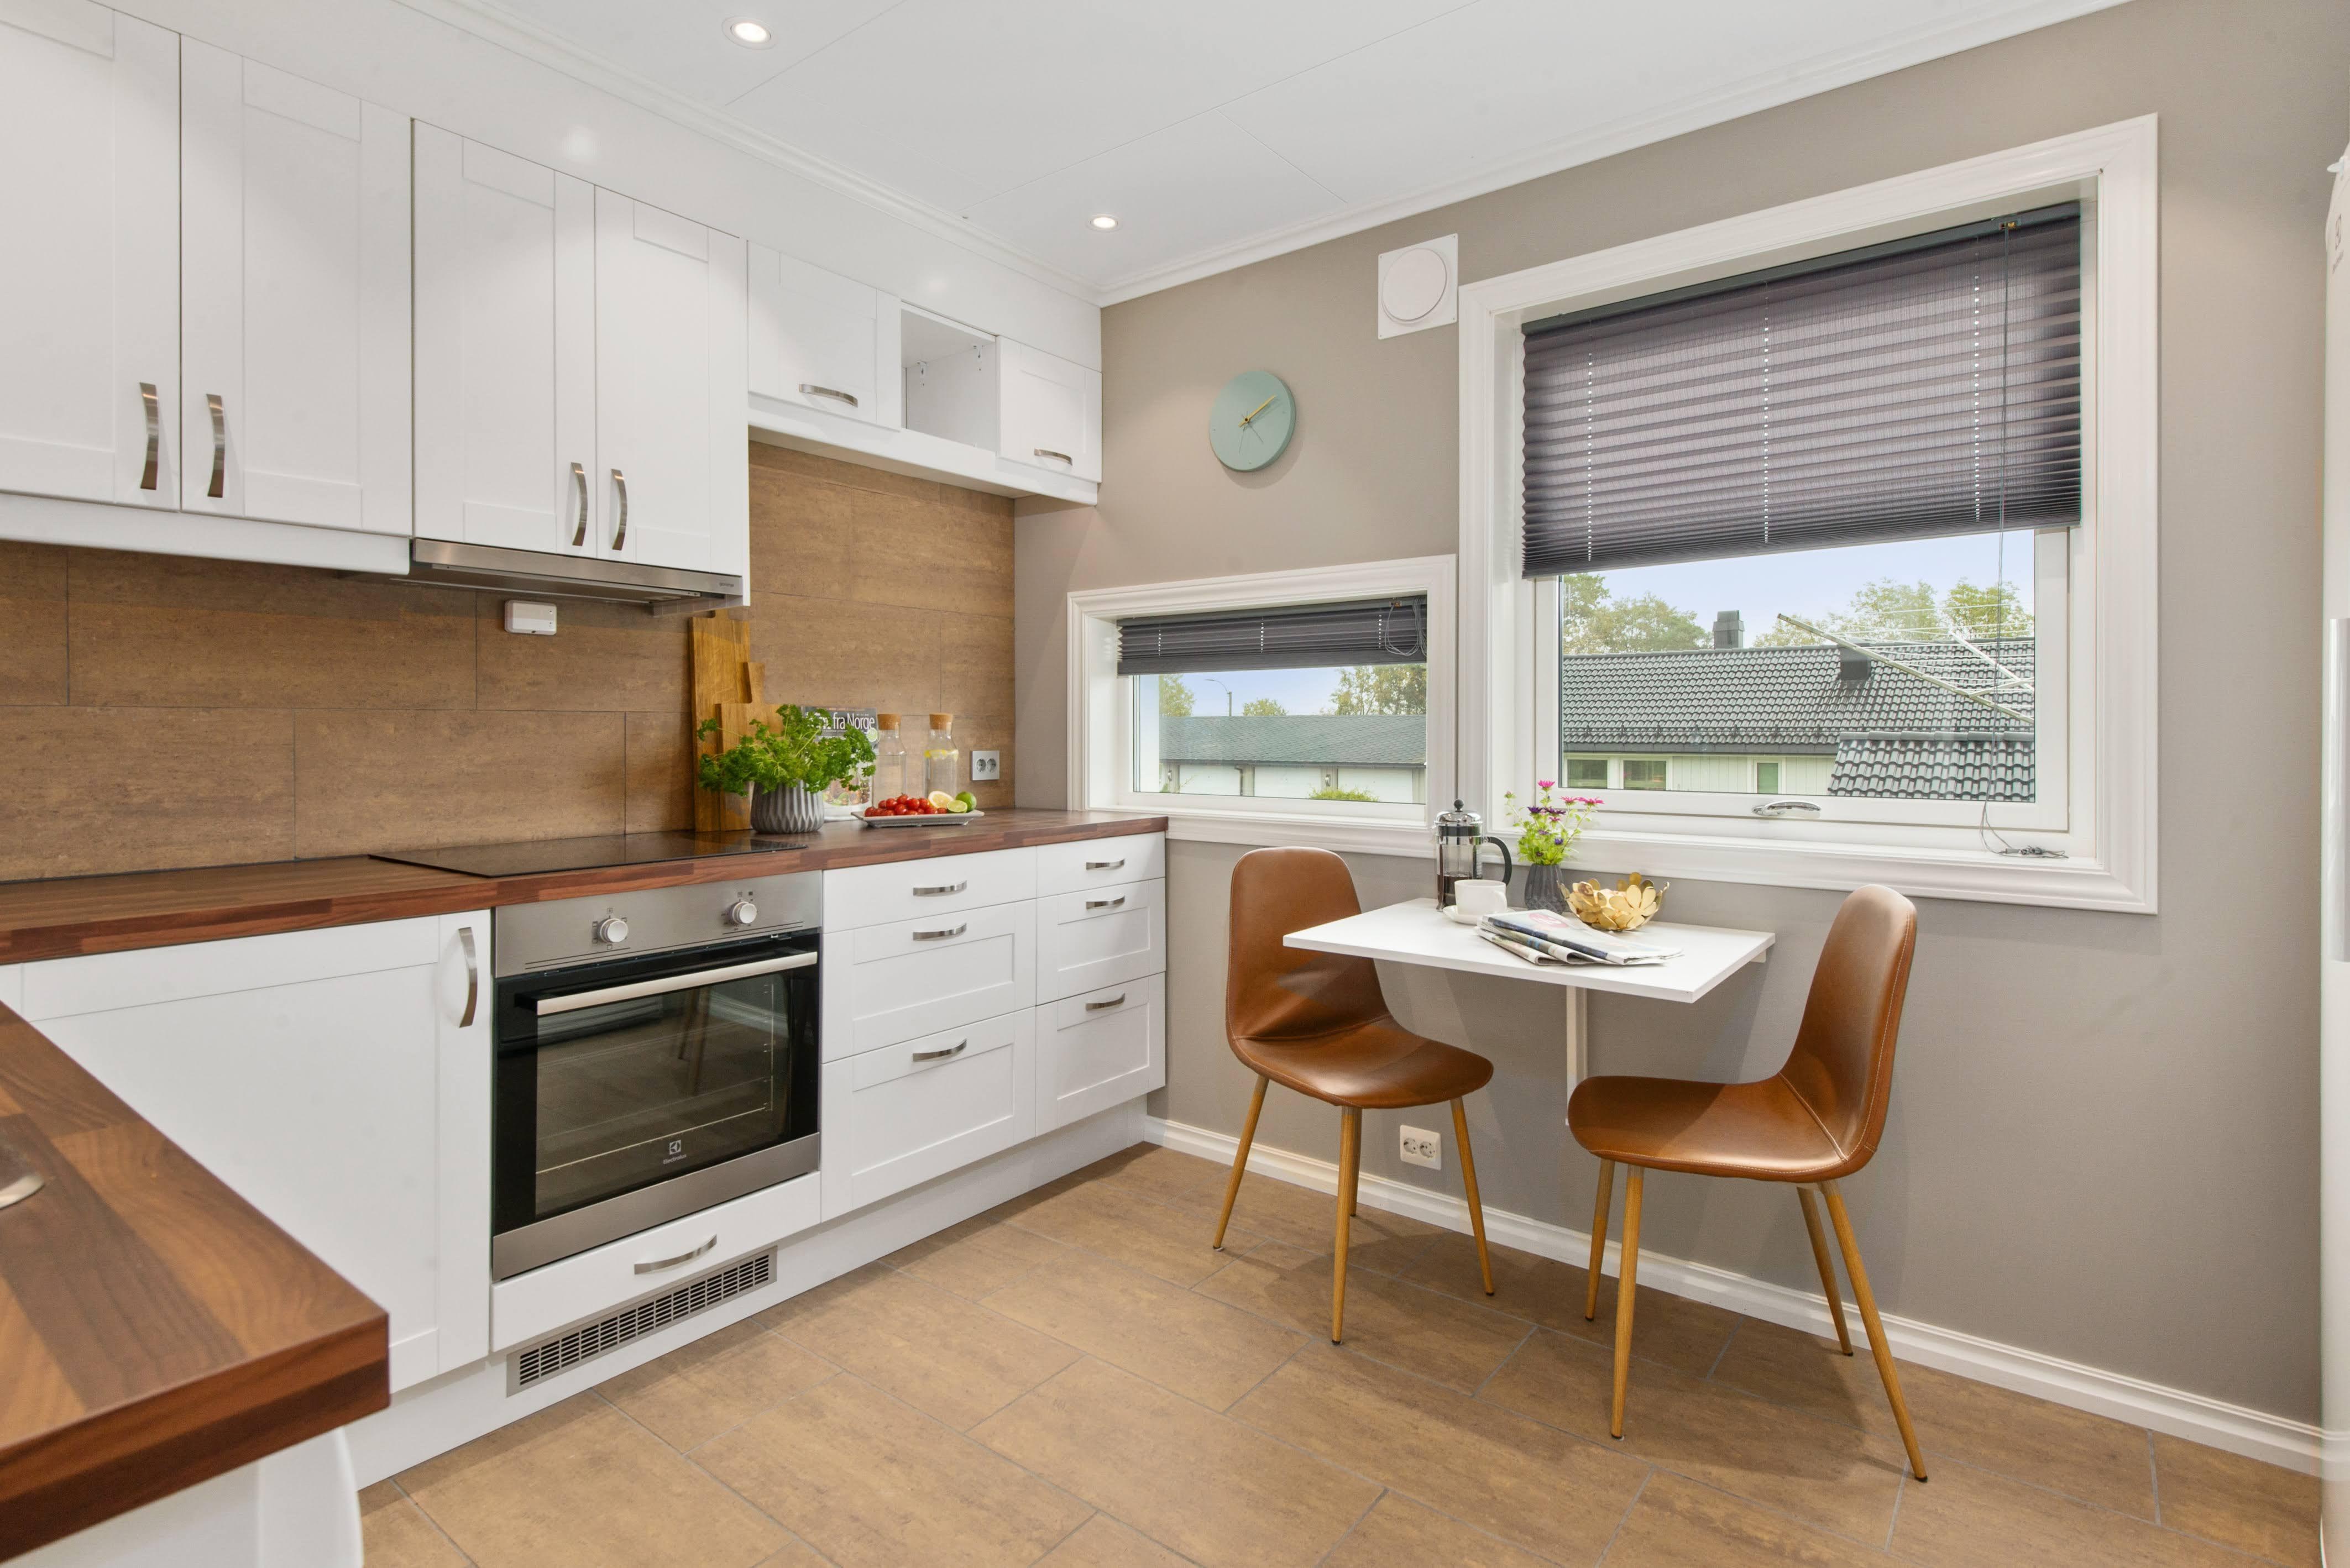 9 Inspirasi Desain Kitchen Set Minimalis Terkini Anti Makan Tempat Rumah123 Com